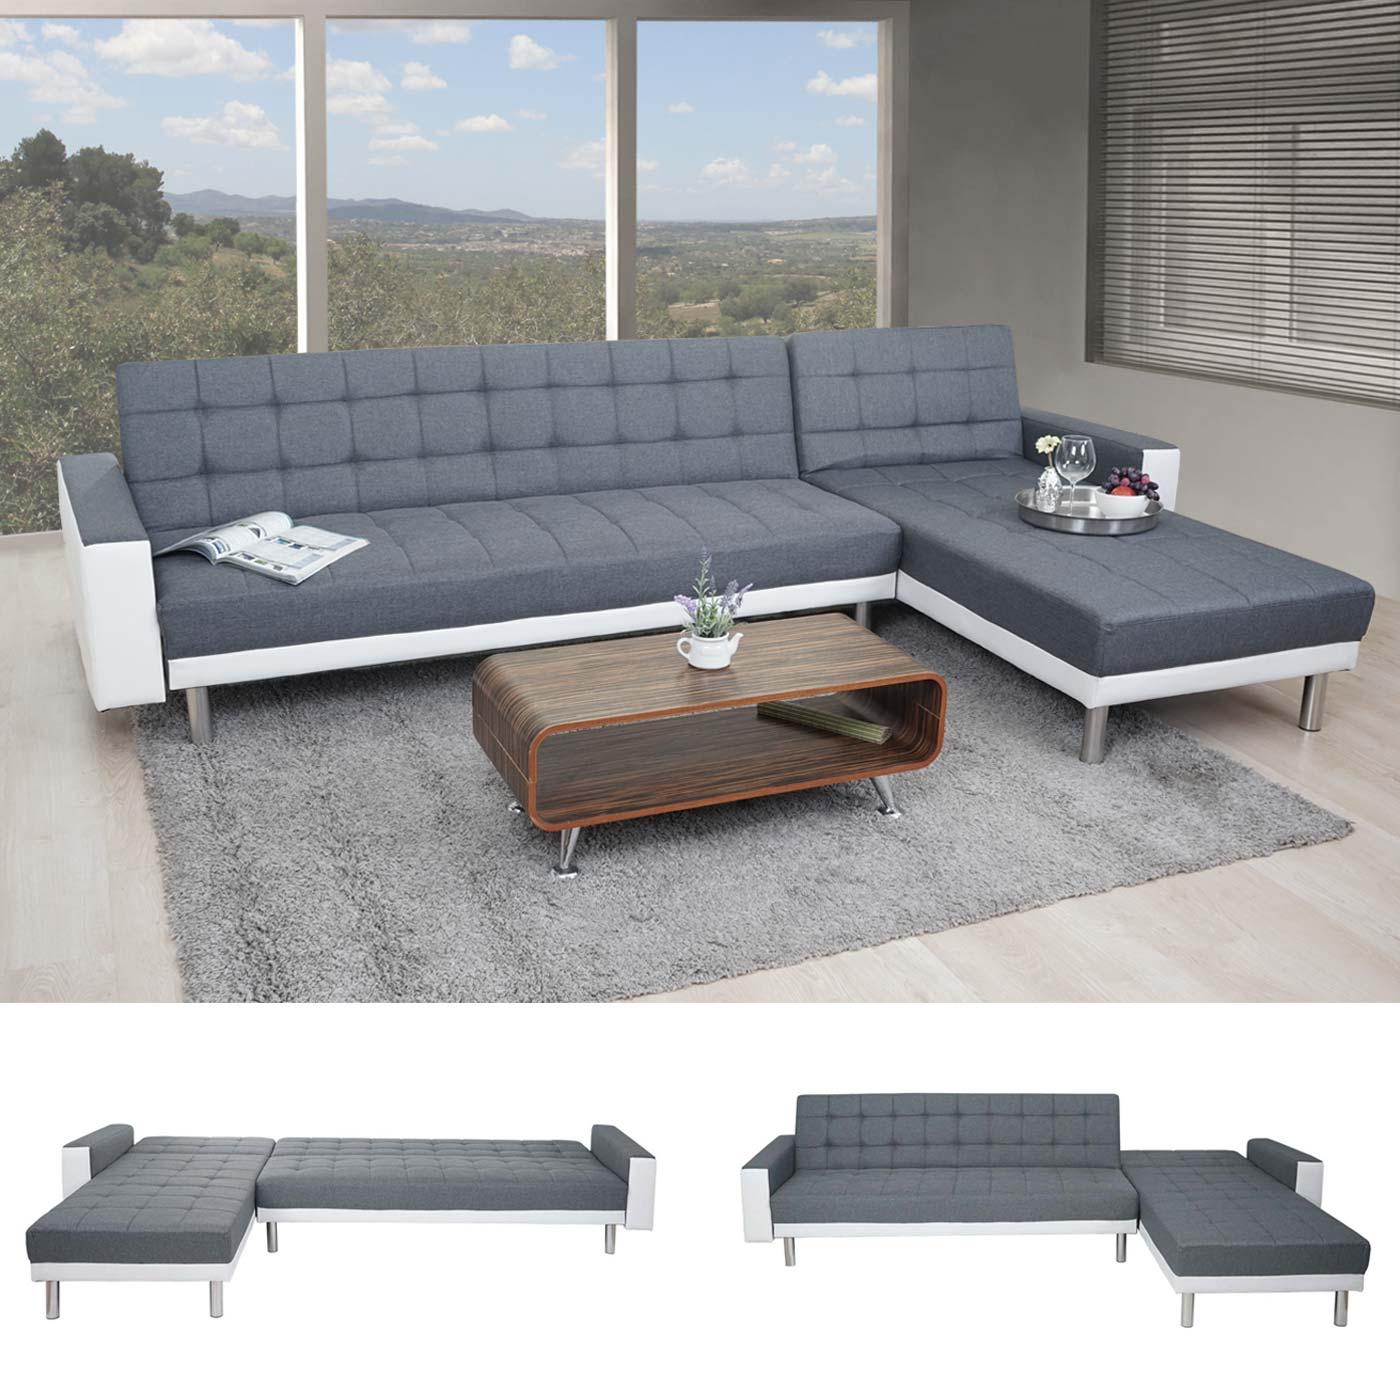 Wunderschön Ecksofa Kunstleder Dekoration Von Hwc-a97, Sofa Couch Gästebett, Schlaffunktion 298x190cm ~